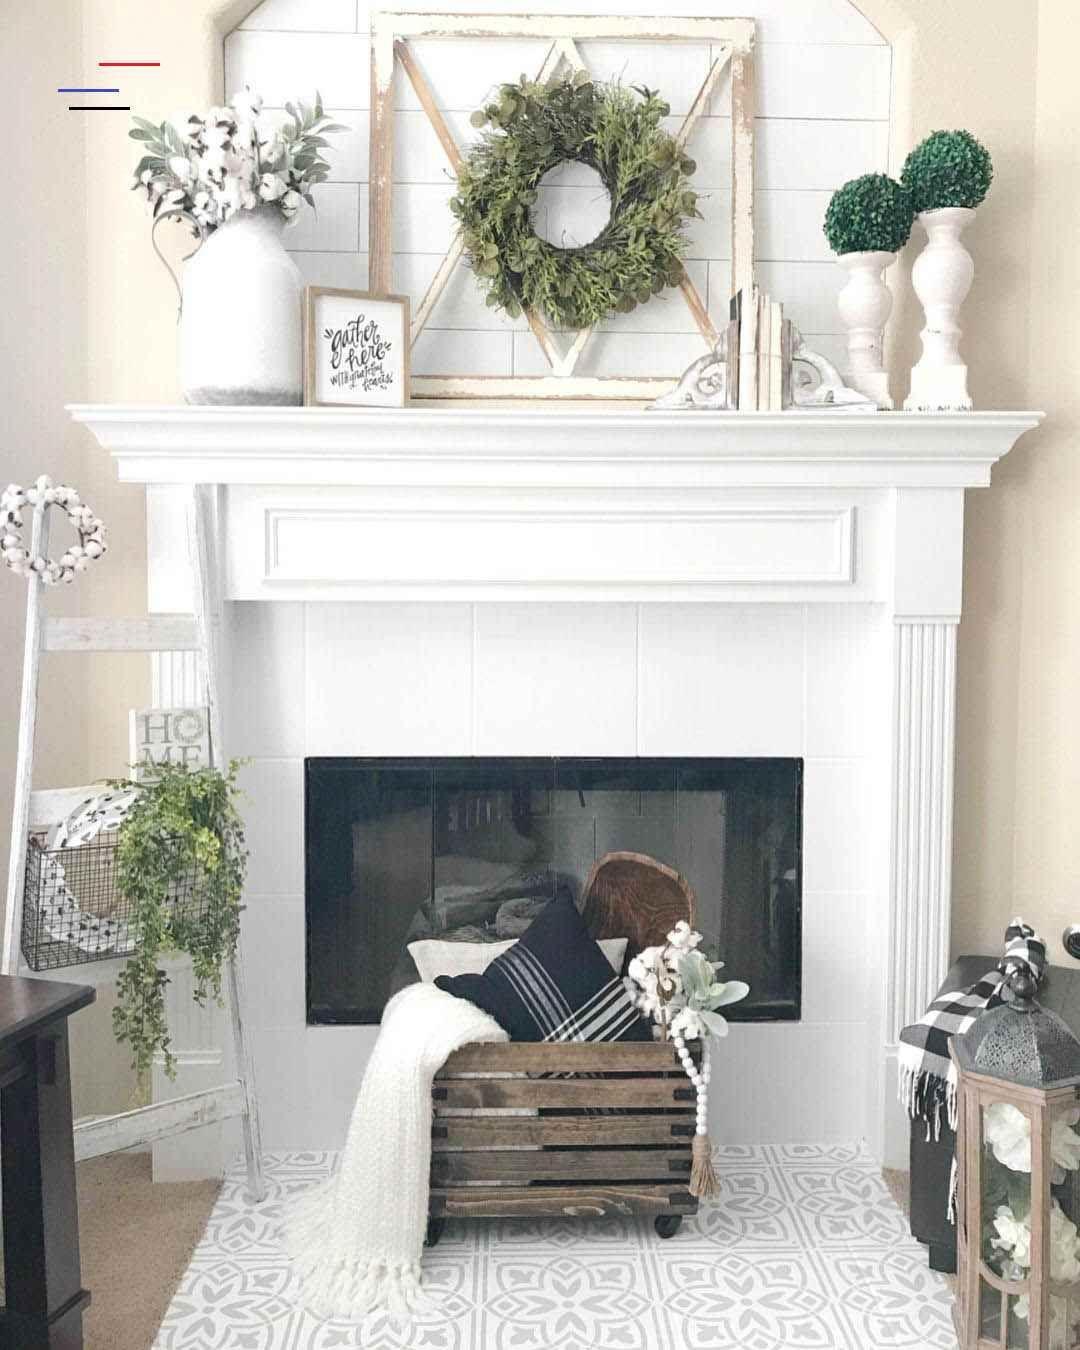 Fire place dekoideen manteldecoratingideas in 2020